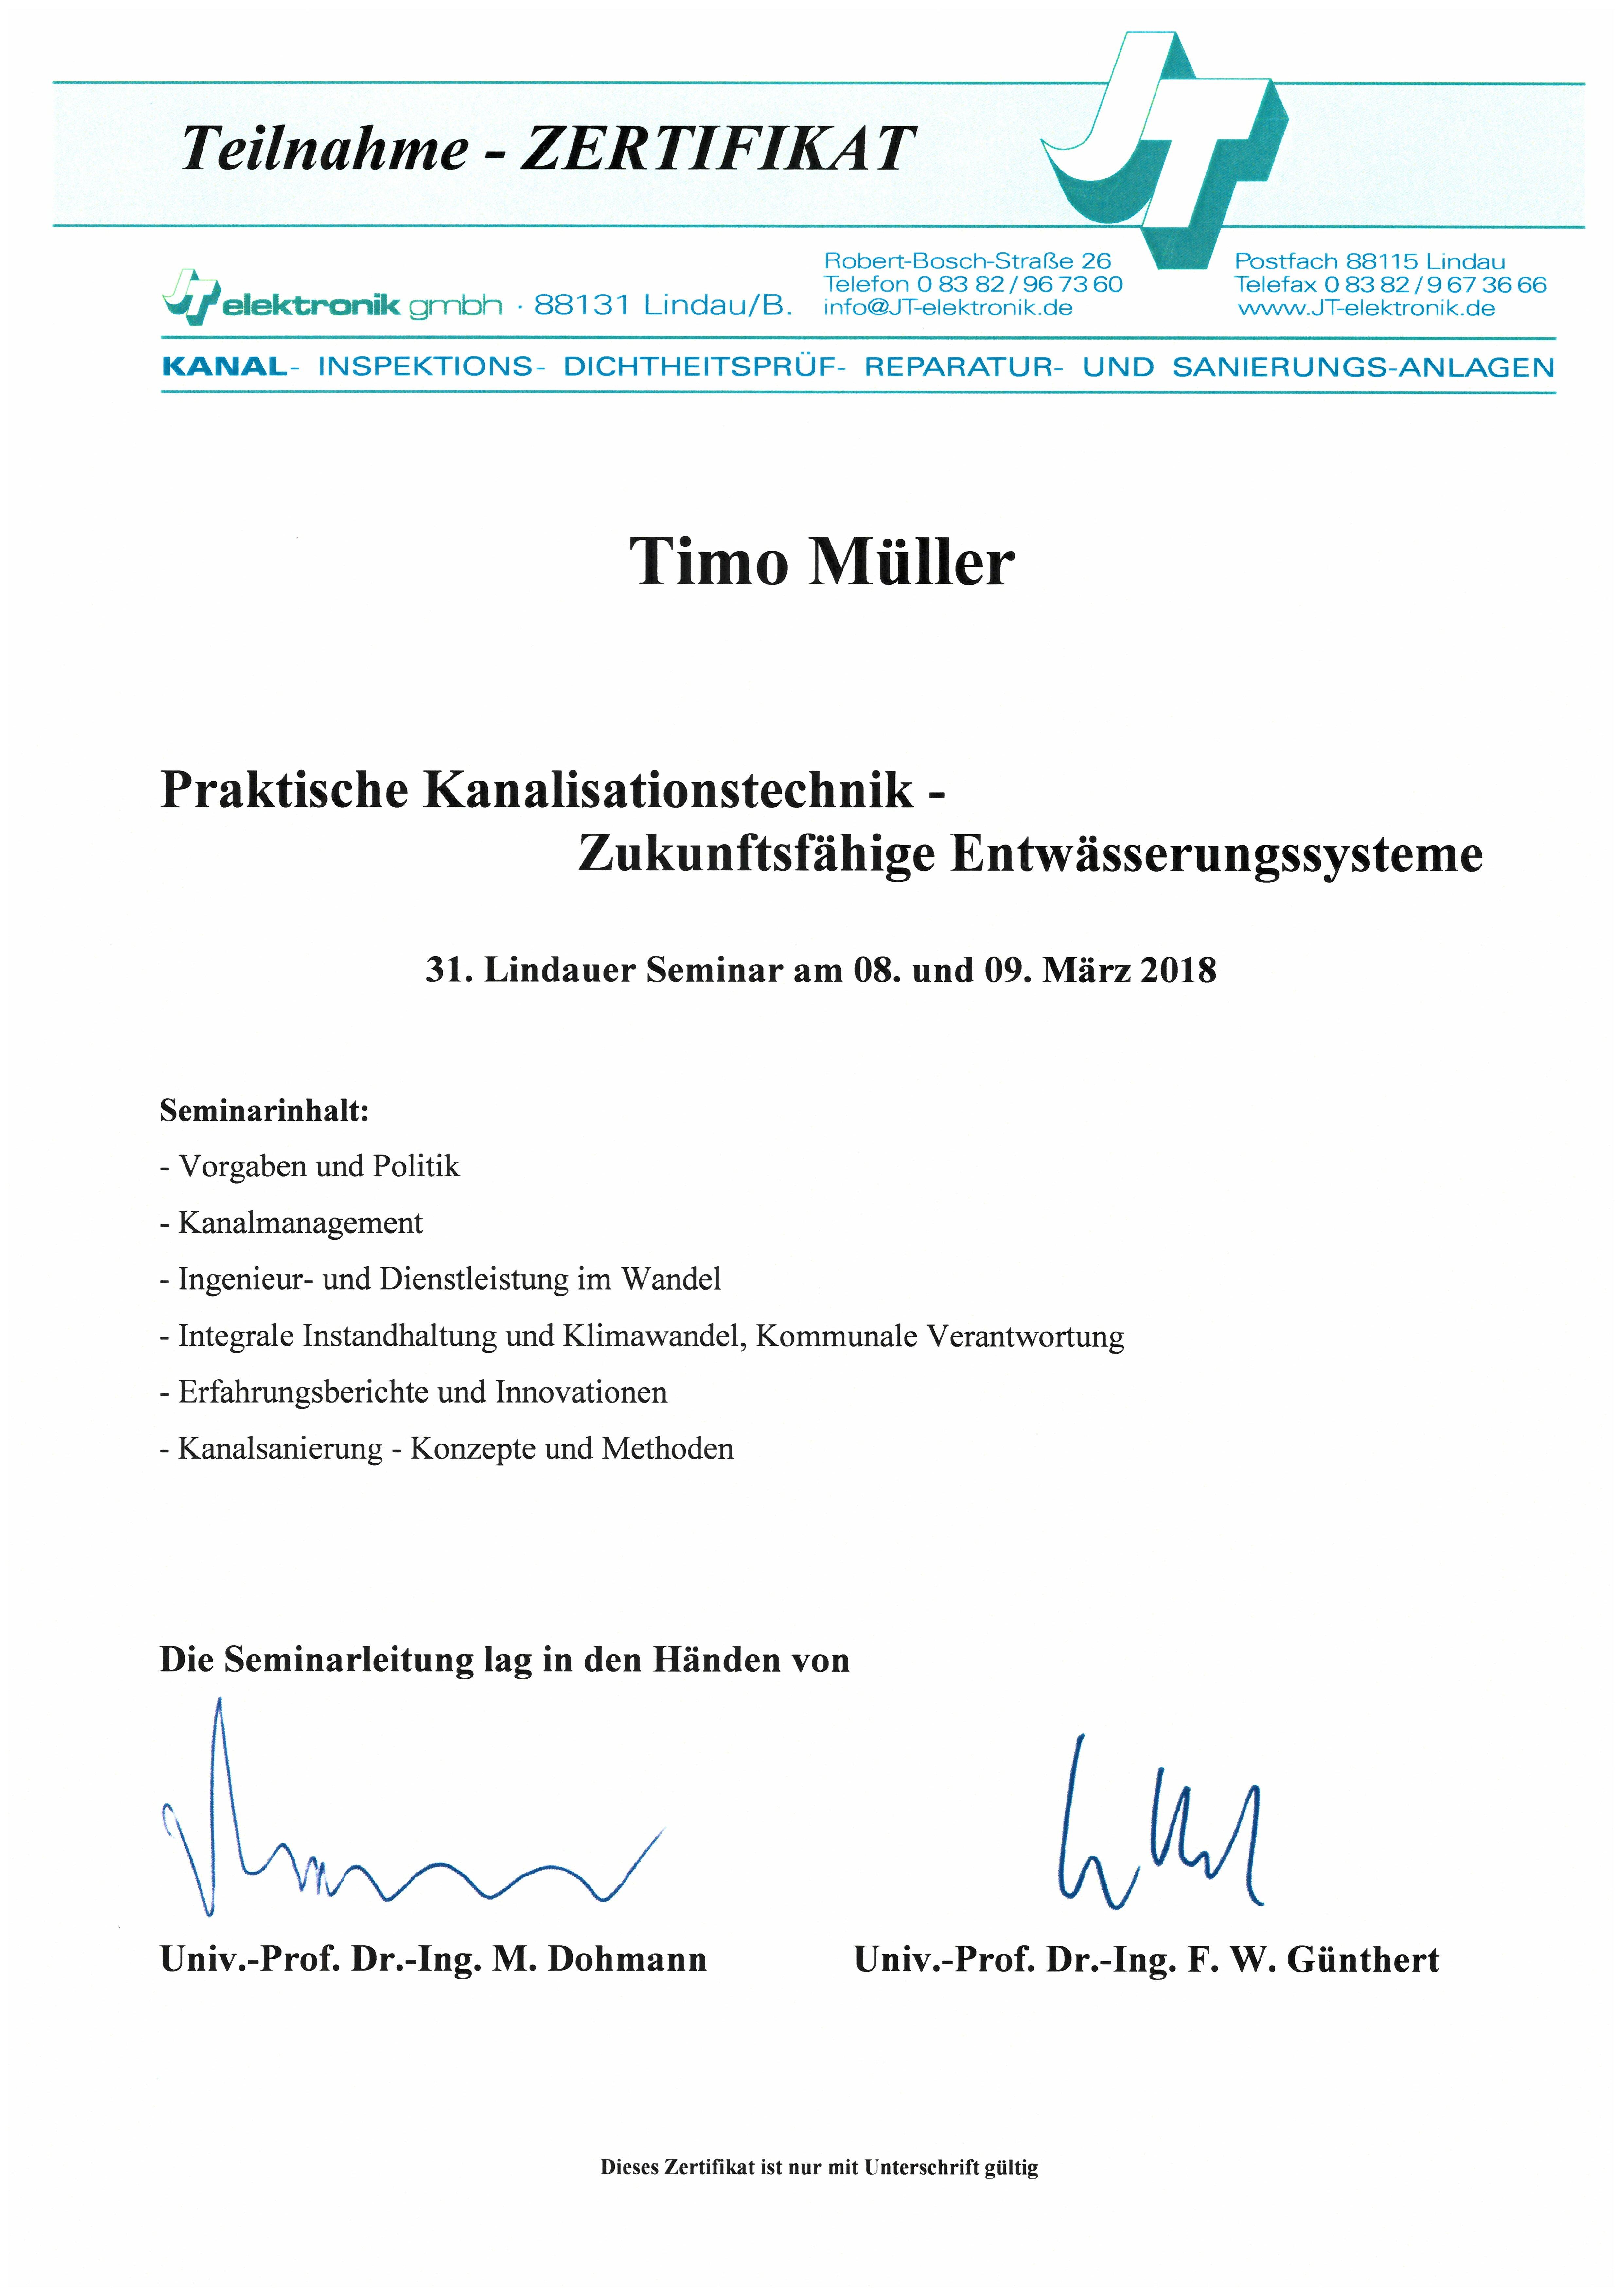 Praktische Kanalinspektionstechnik - T.Müller